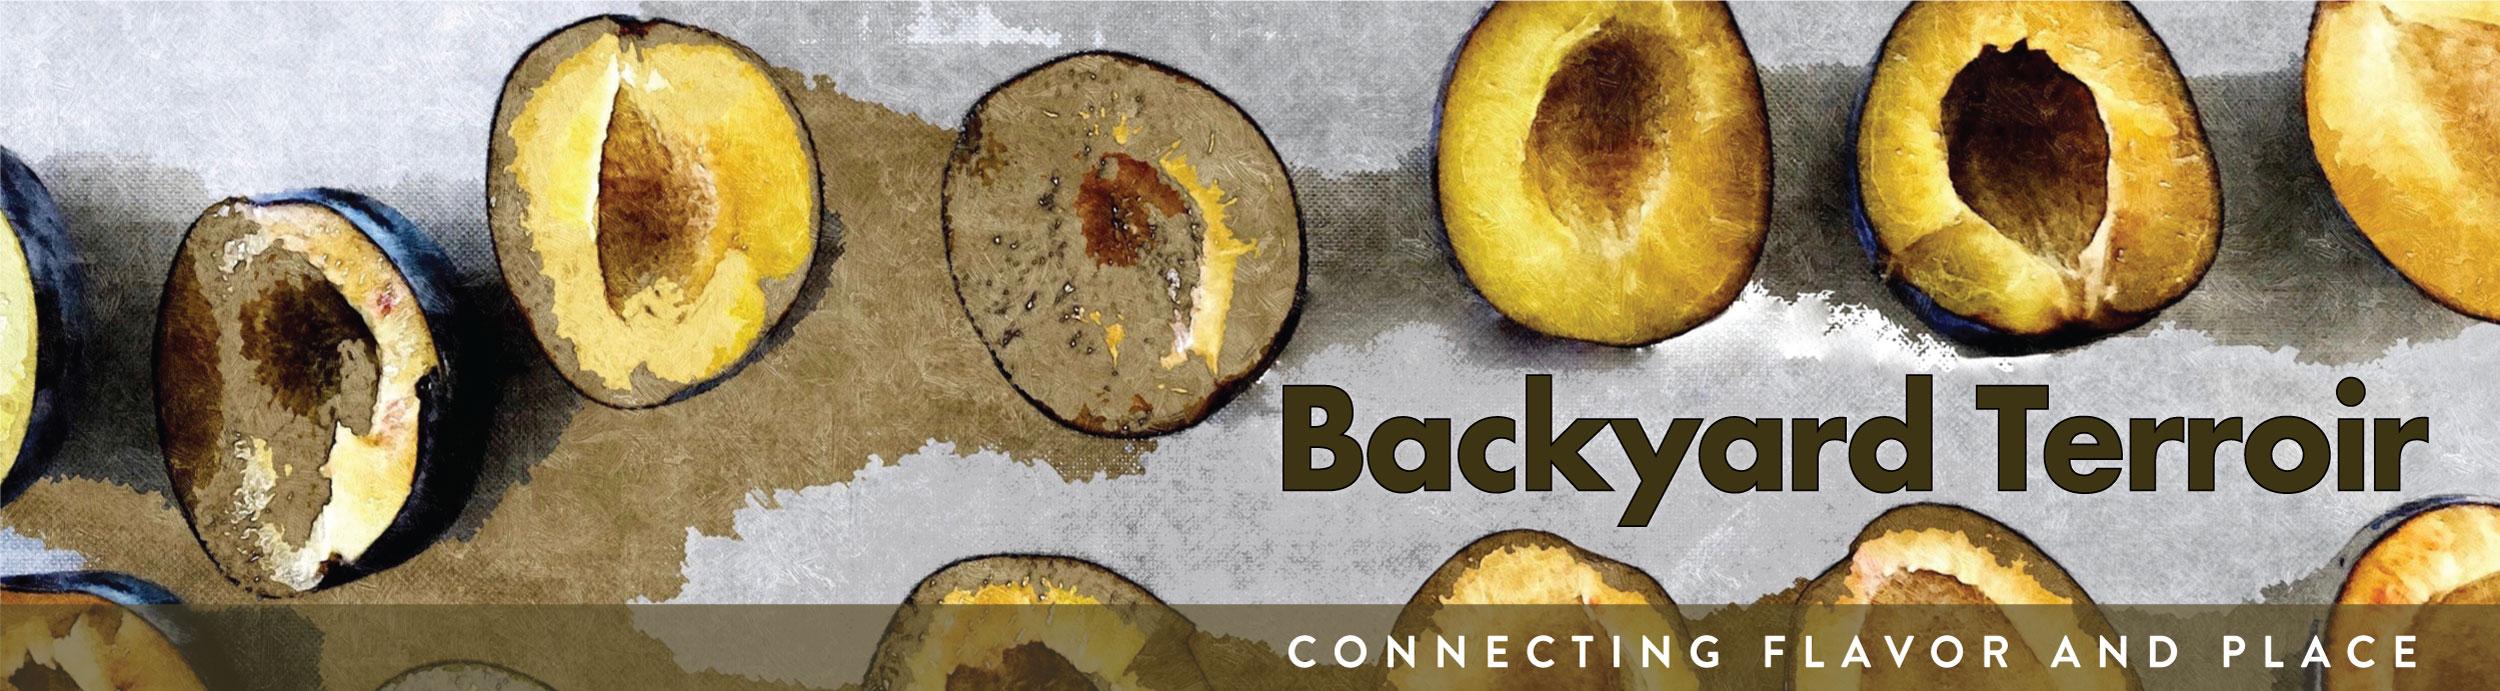 Backyard_terroir-logo-web.jpg